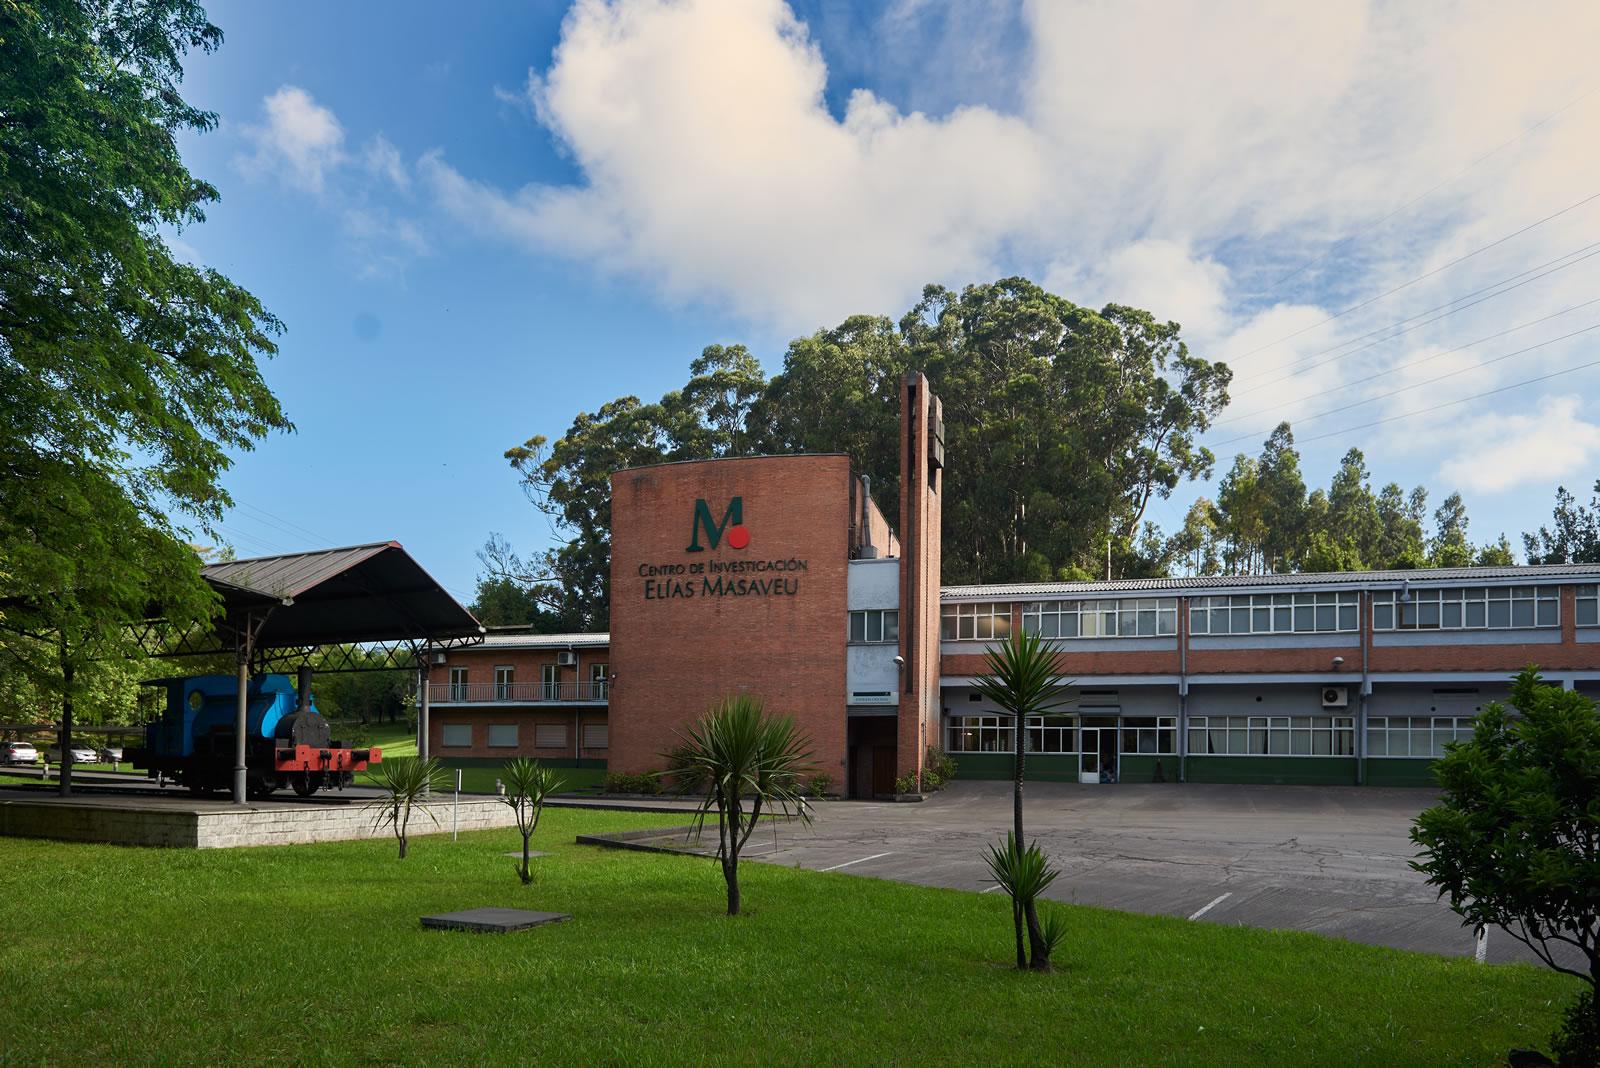 Centro de investigación Elías Masaveu